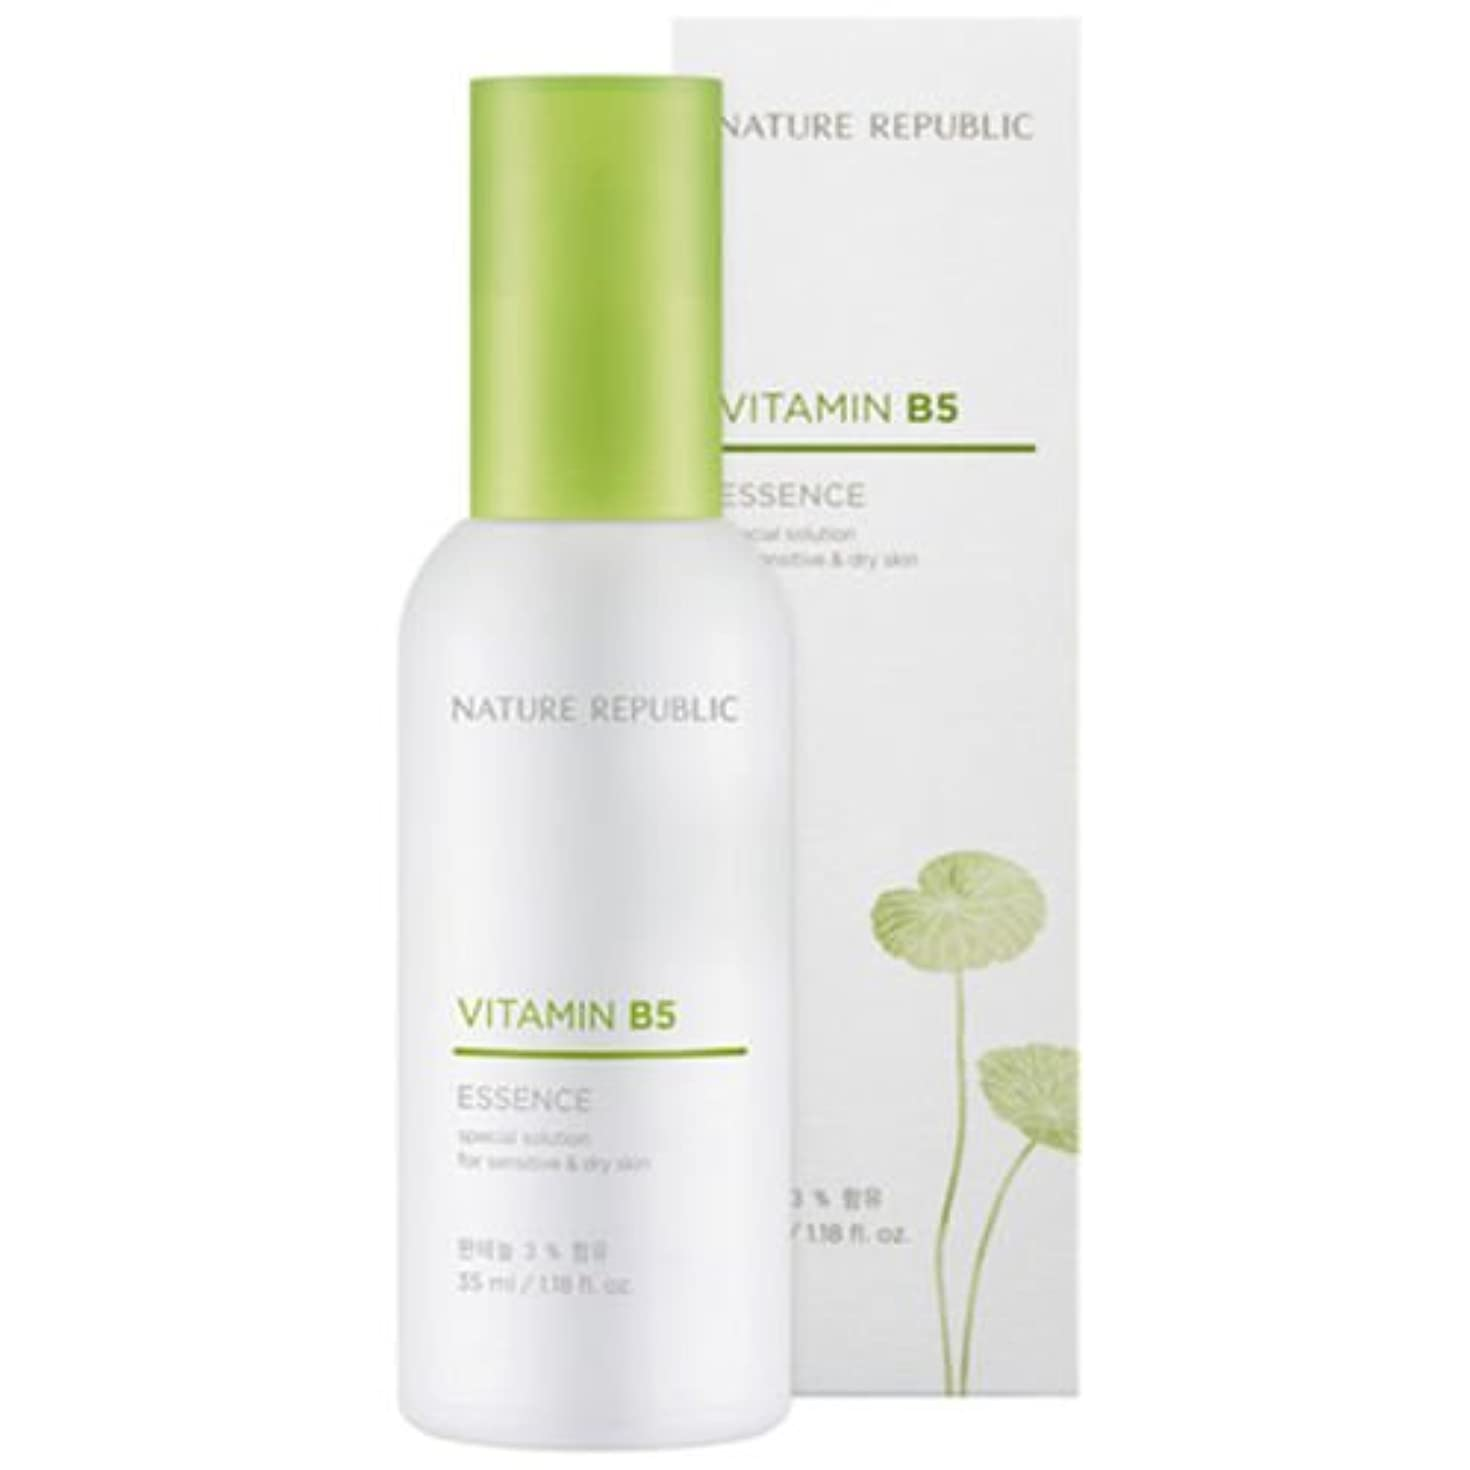 刃過度のホームレスNATURE REPUBLIC Vitamin B5 Series [並行輸入品] (Essence)